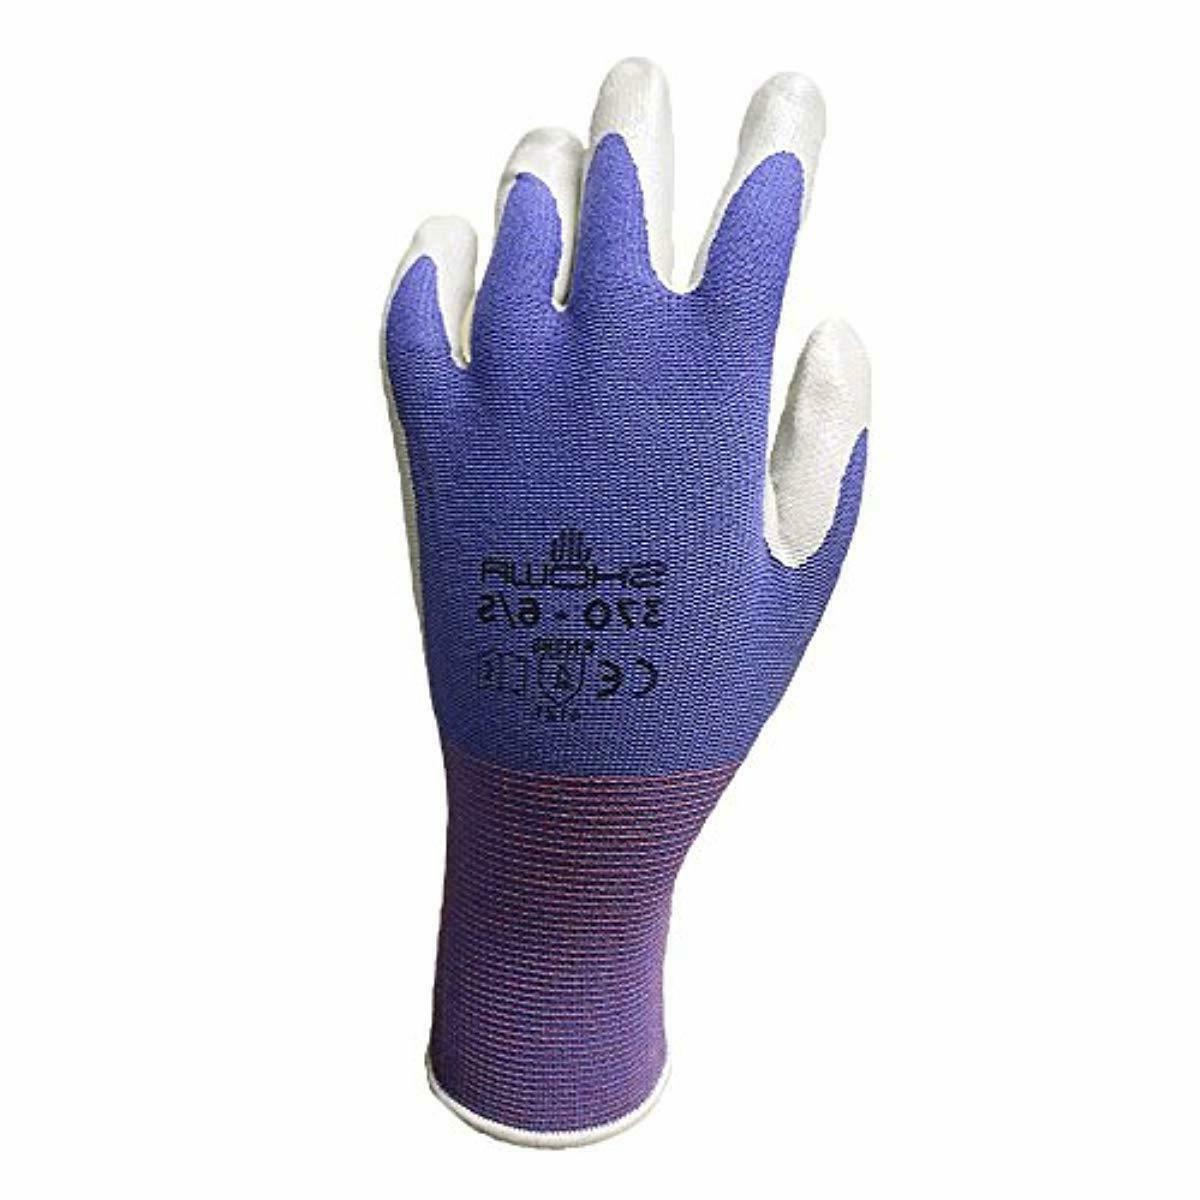 6 Pack Showa NT370 Atlas Garden Gloves -